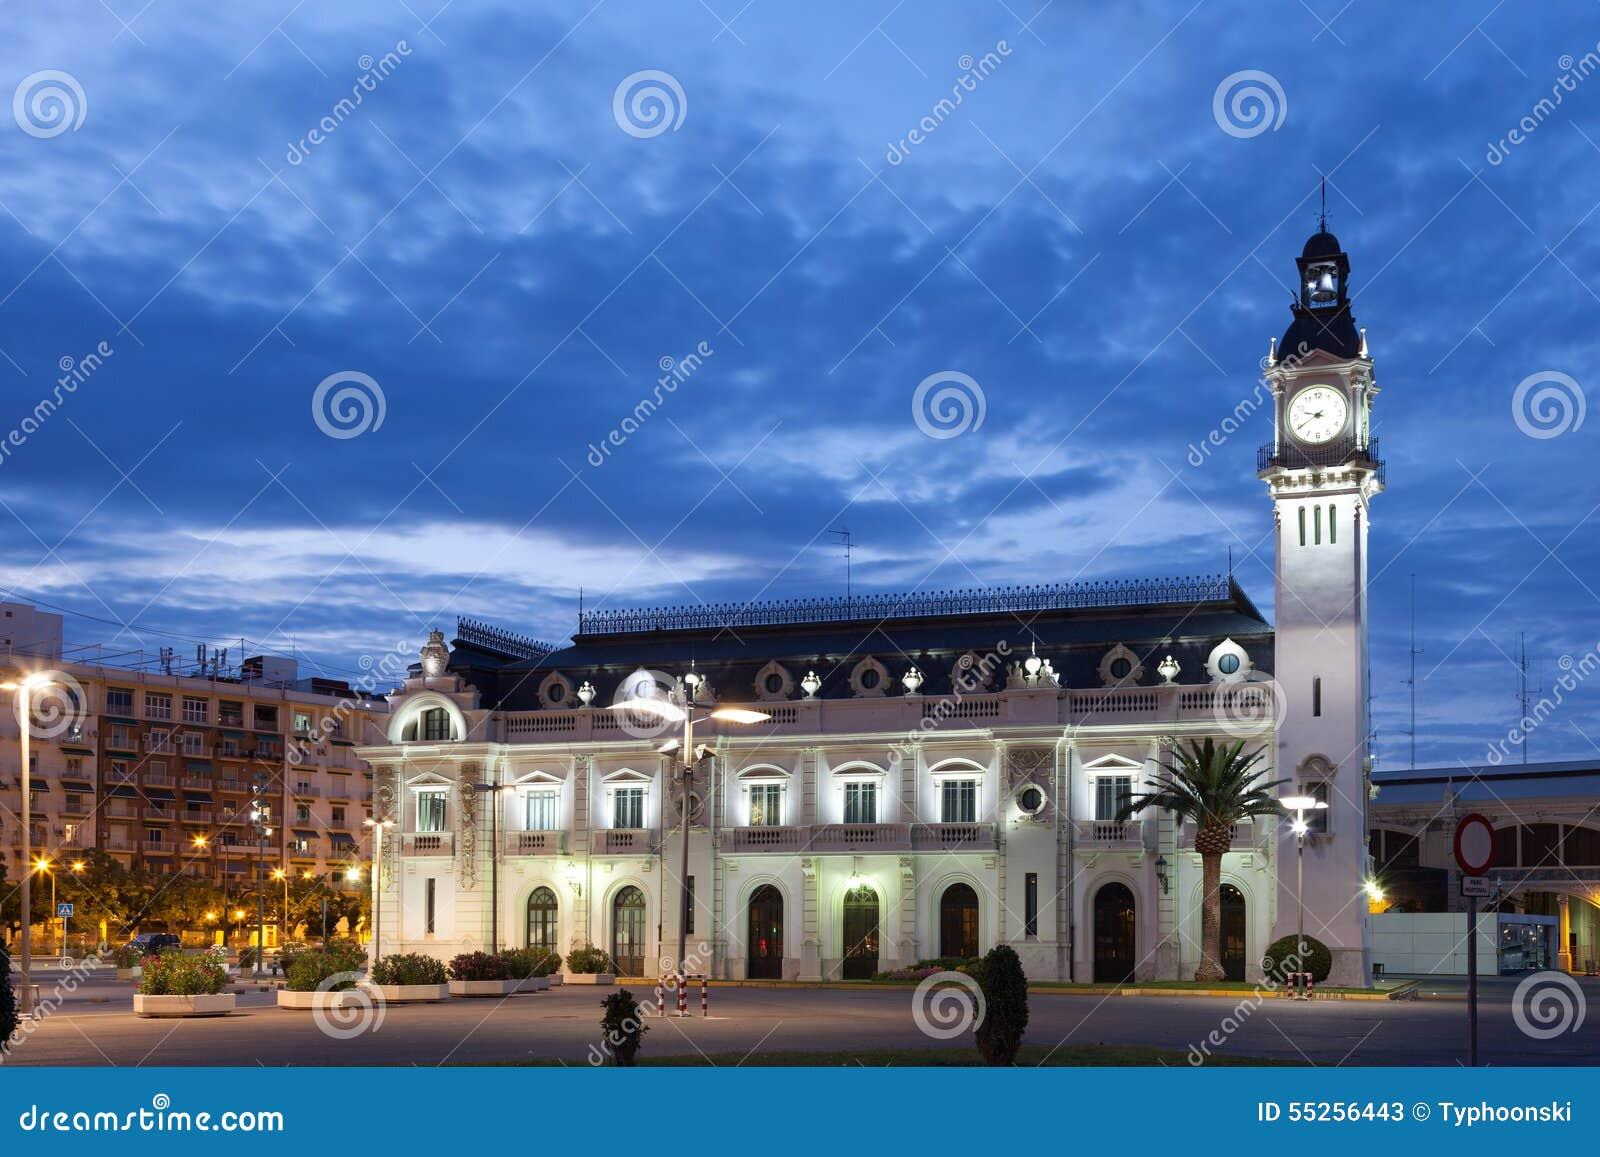 Construção da autoridade portuária em Valência, Espanha